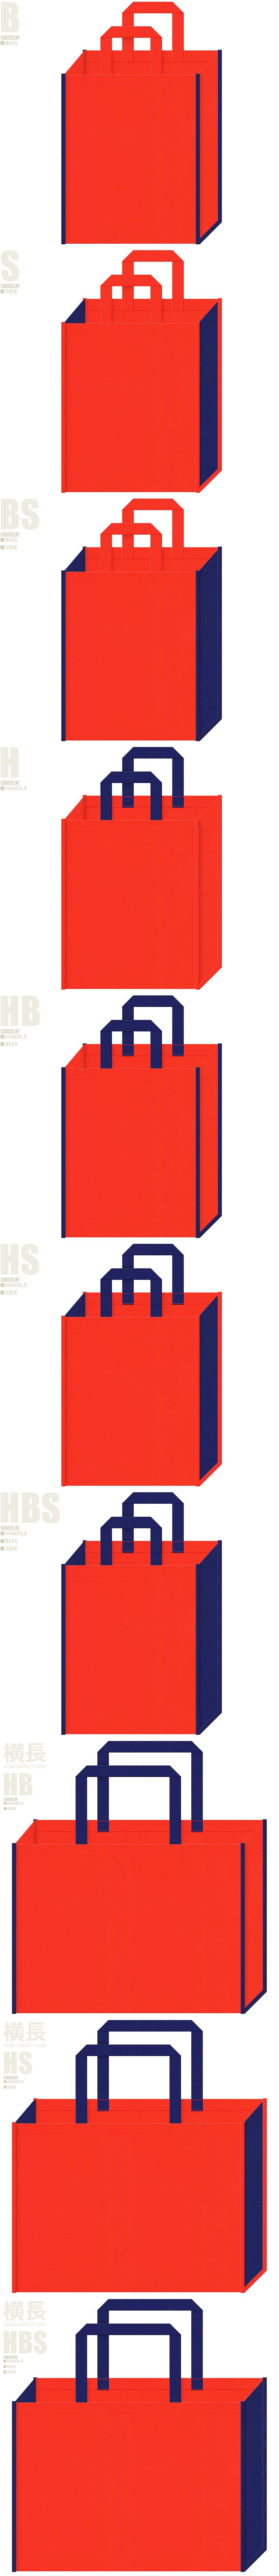 オレンジ色と明るめの紺色-7パターンの不織布トートバッグ配色デザイン例